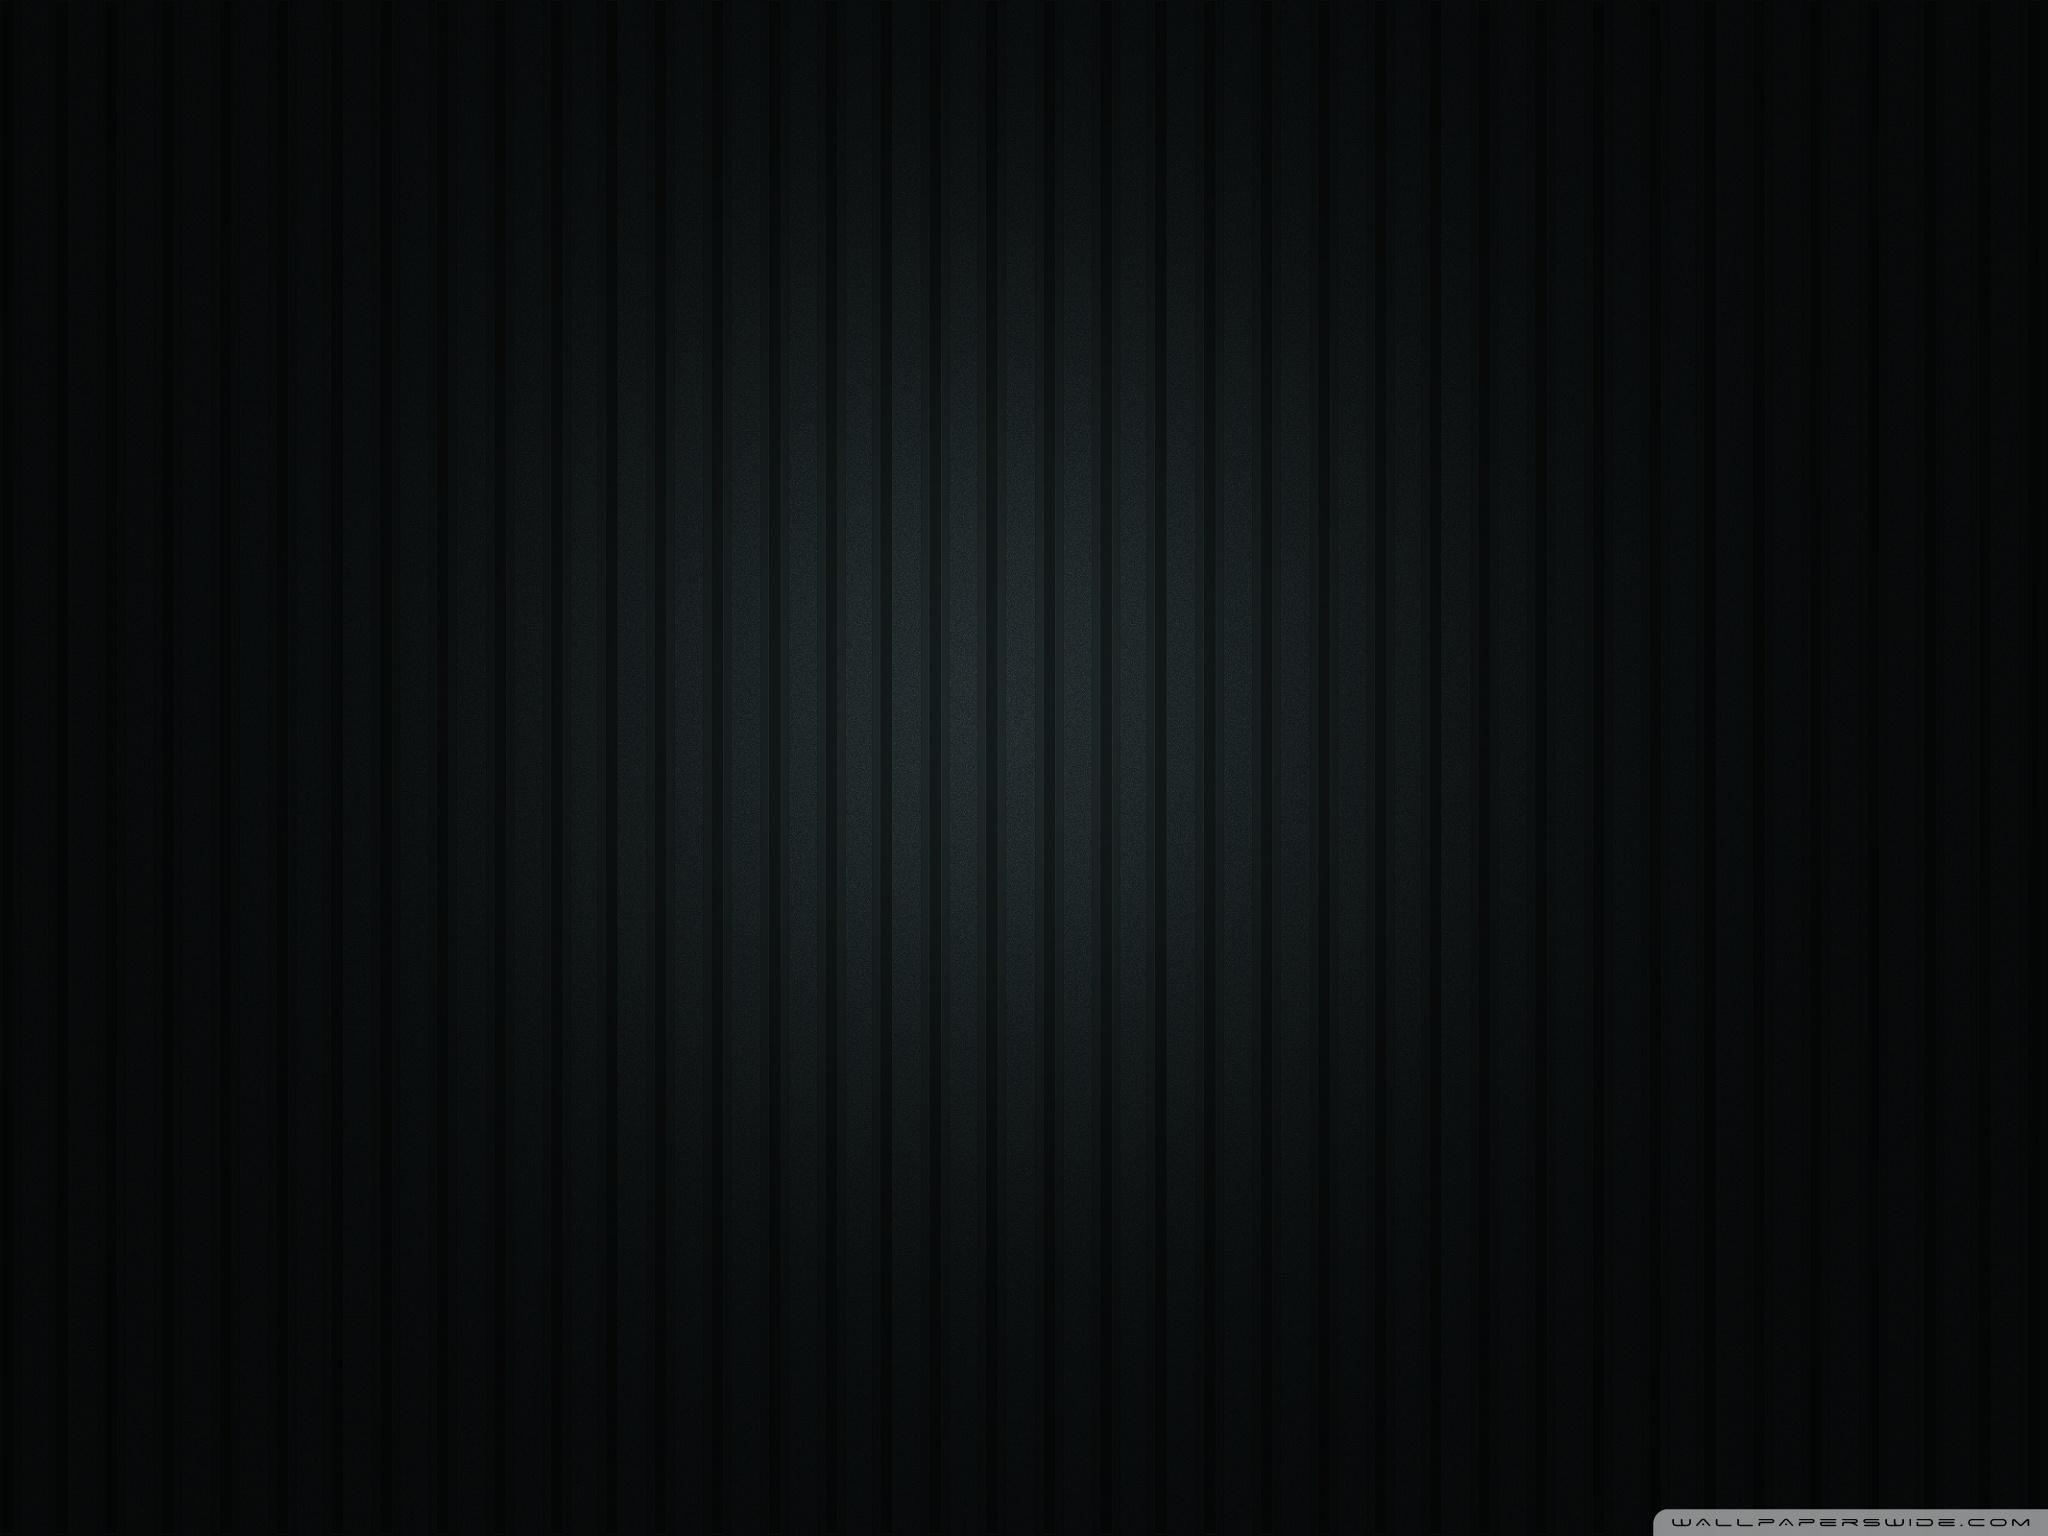 Fancy Black Wallpaper - WallpaperSafari